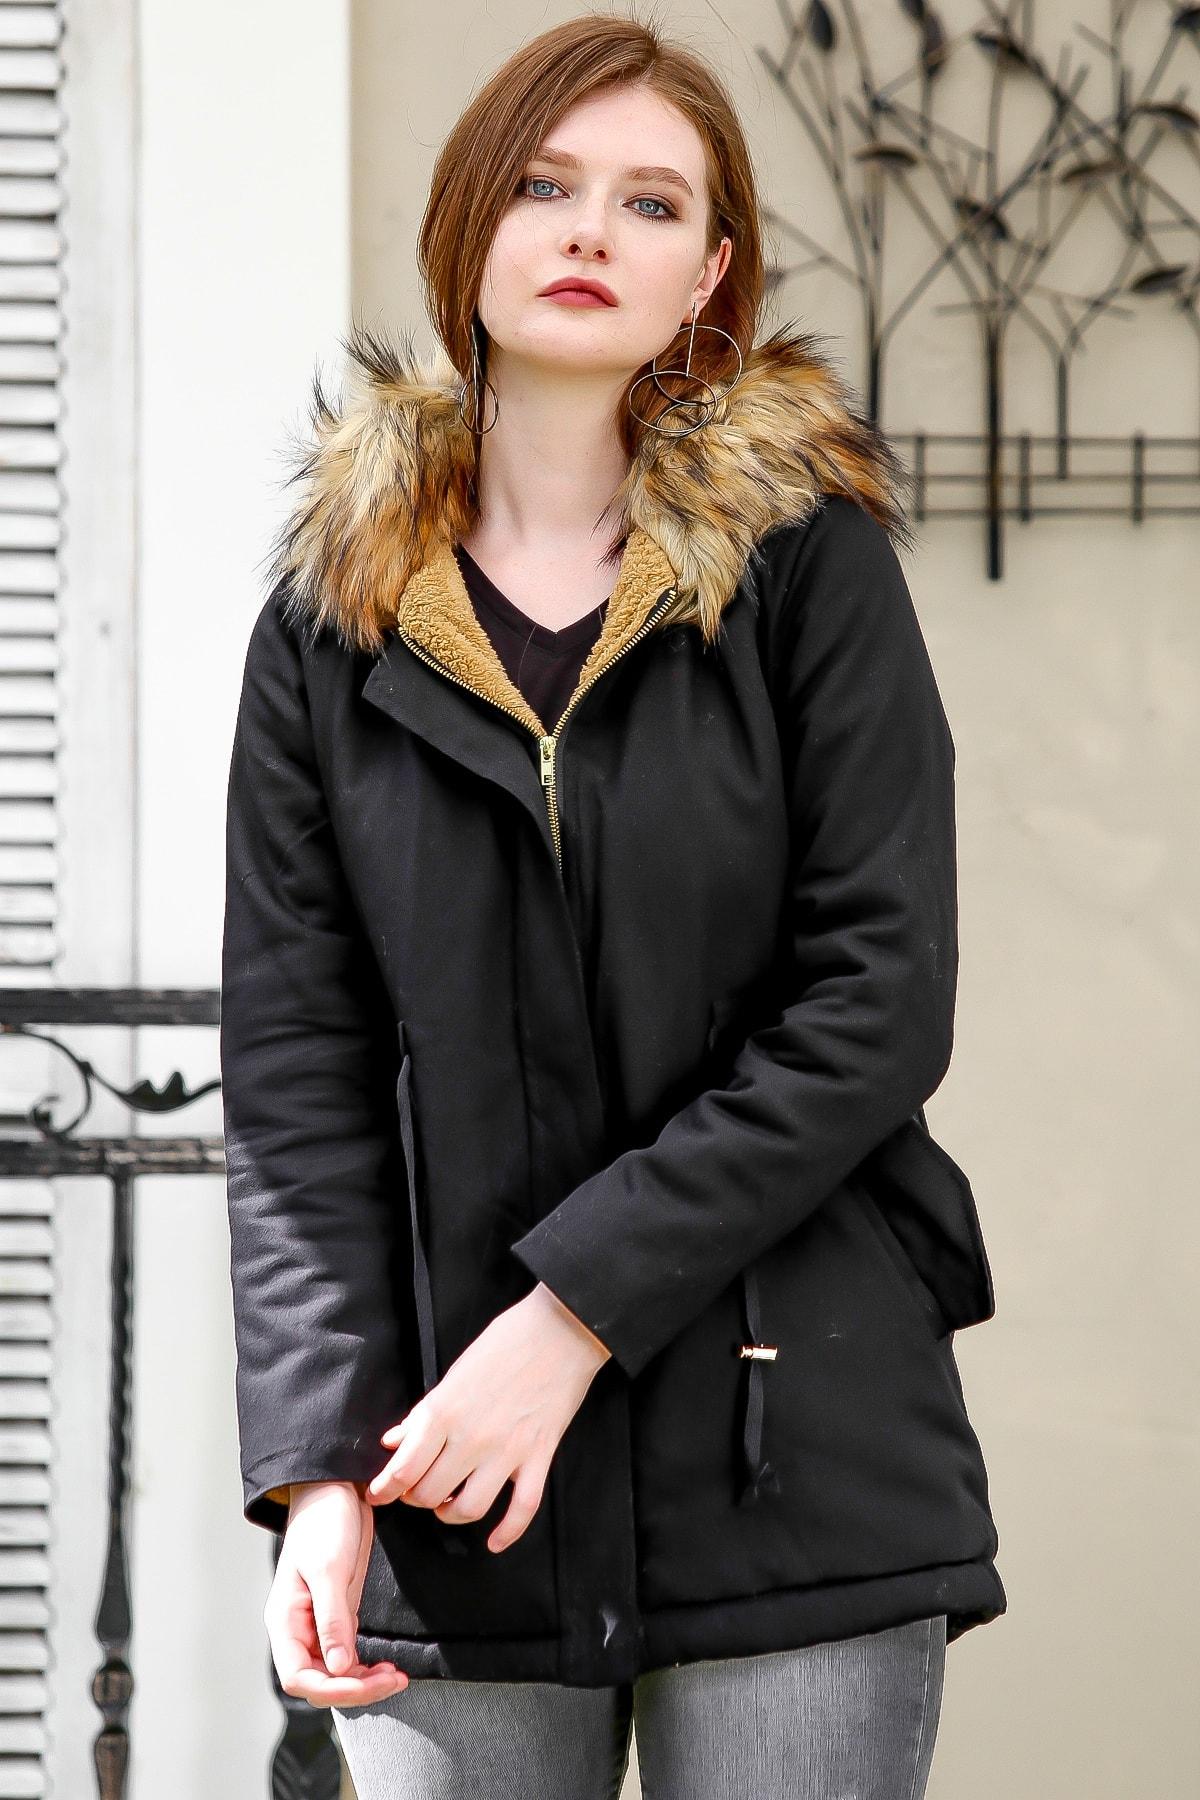 Chiccy Kadın Siyah-Kahve Casual vegan kürk kapüşonlu içi astarlı gabardin cepli kaban M10210200KA99887